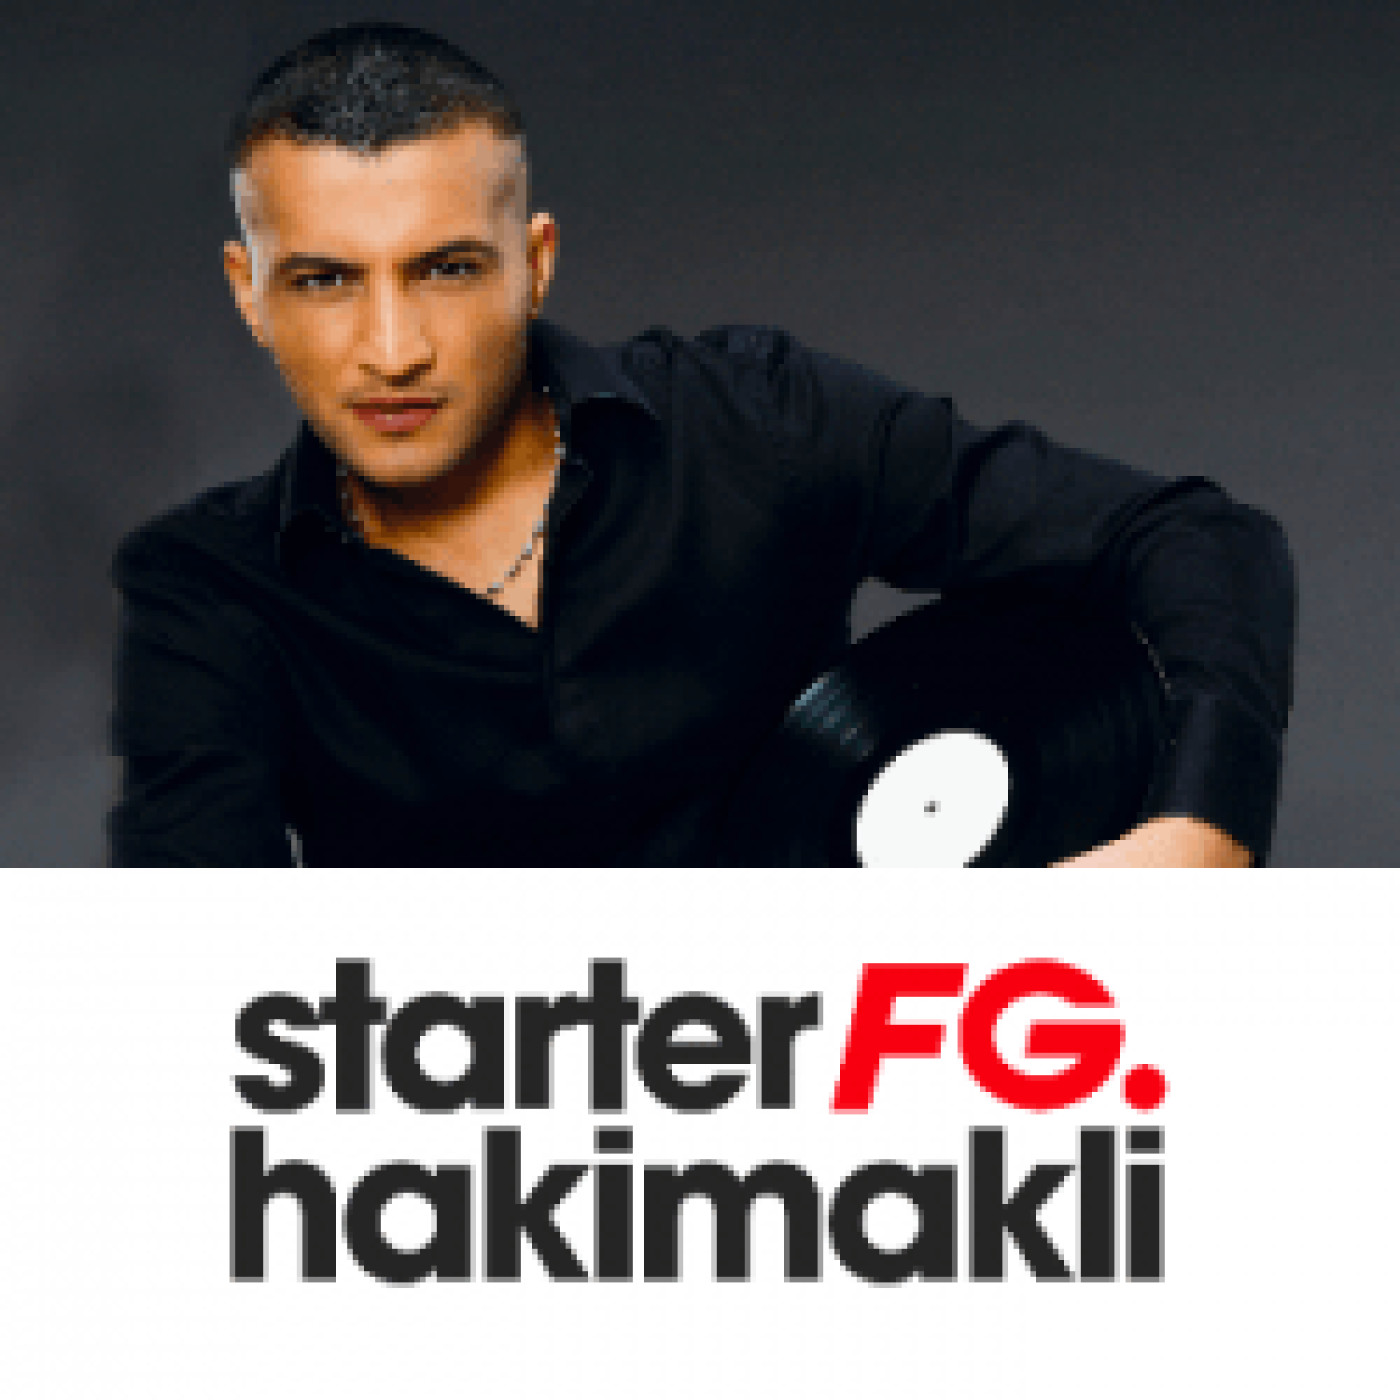 STARTER FG BY HAKIMAKLI JEUDI 8 OCTOBRE 2020